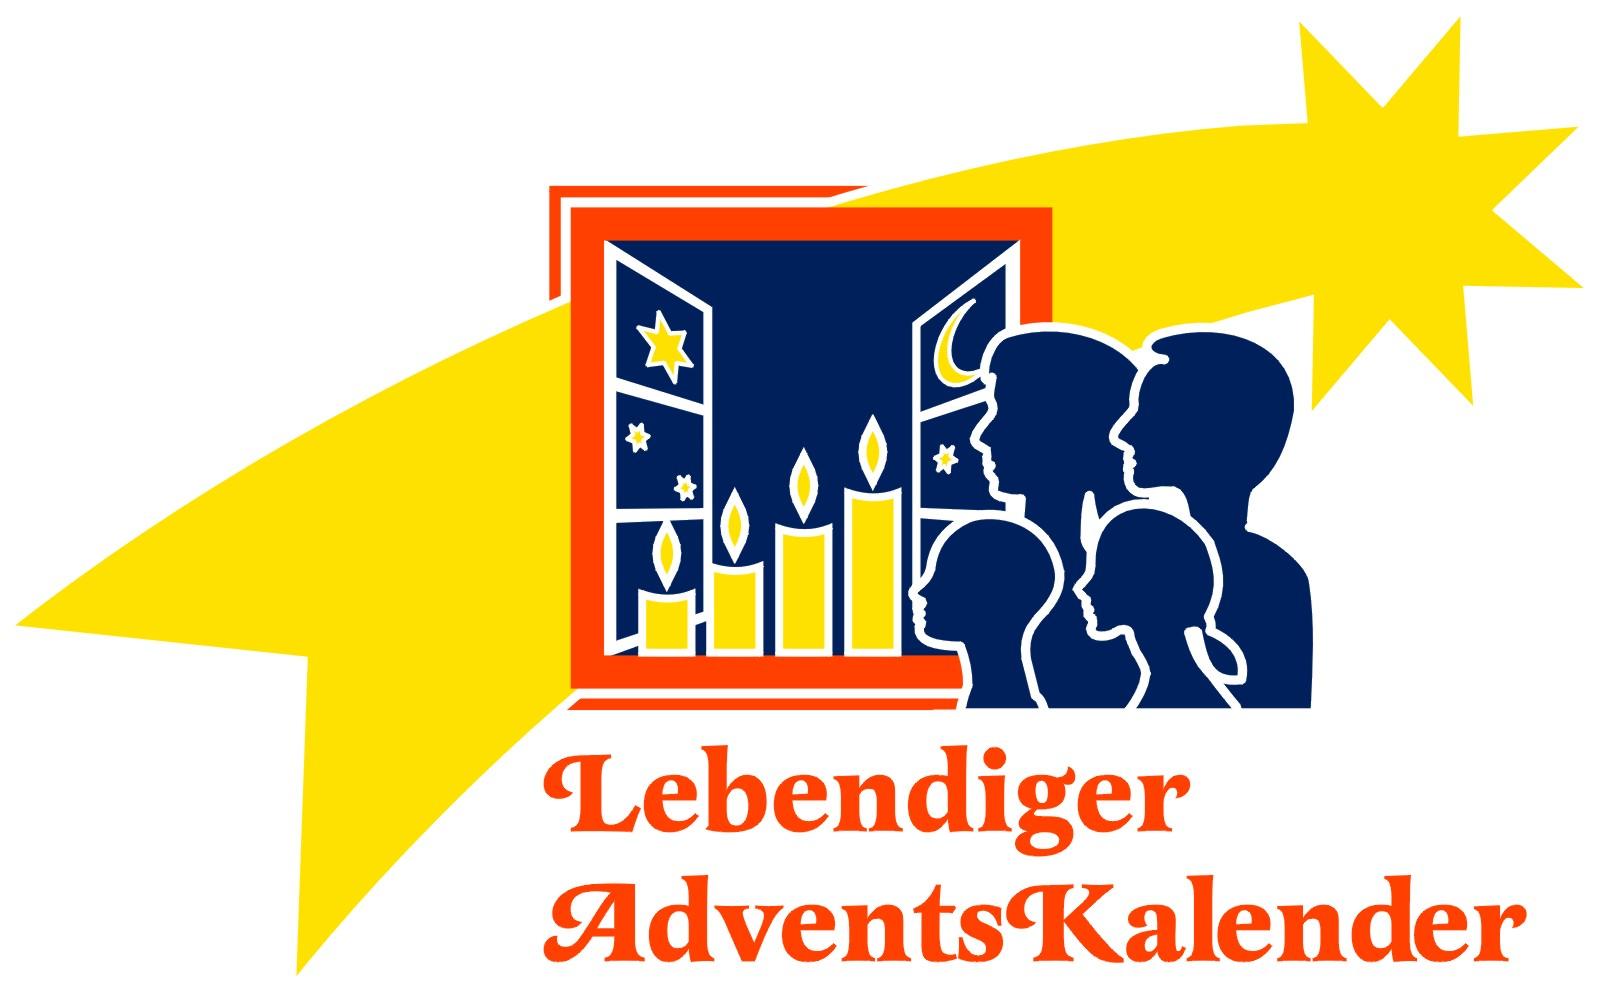 Lebendiger Adventskalender @ Marktplatz Hörnerkirchen | Brande-Hörnerkirchen | Schleswig-Holstein | Deutschland